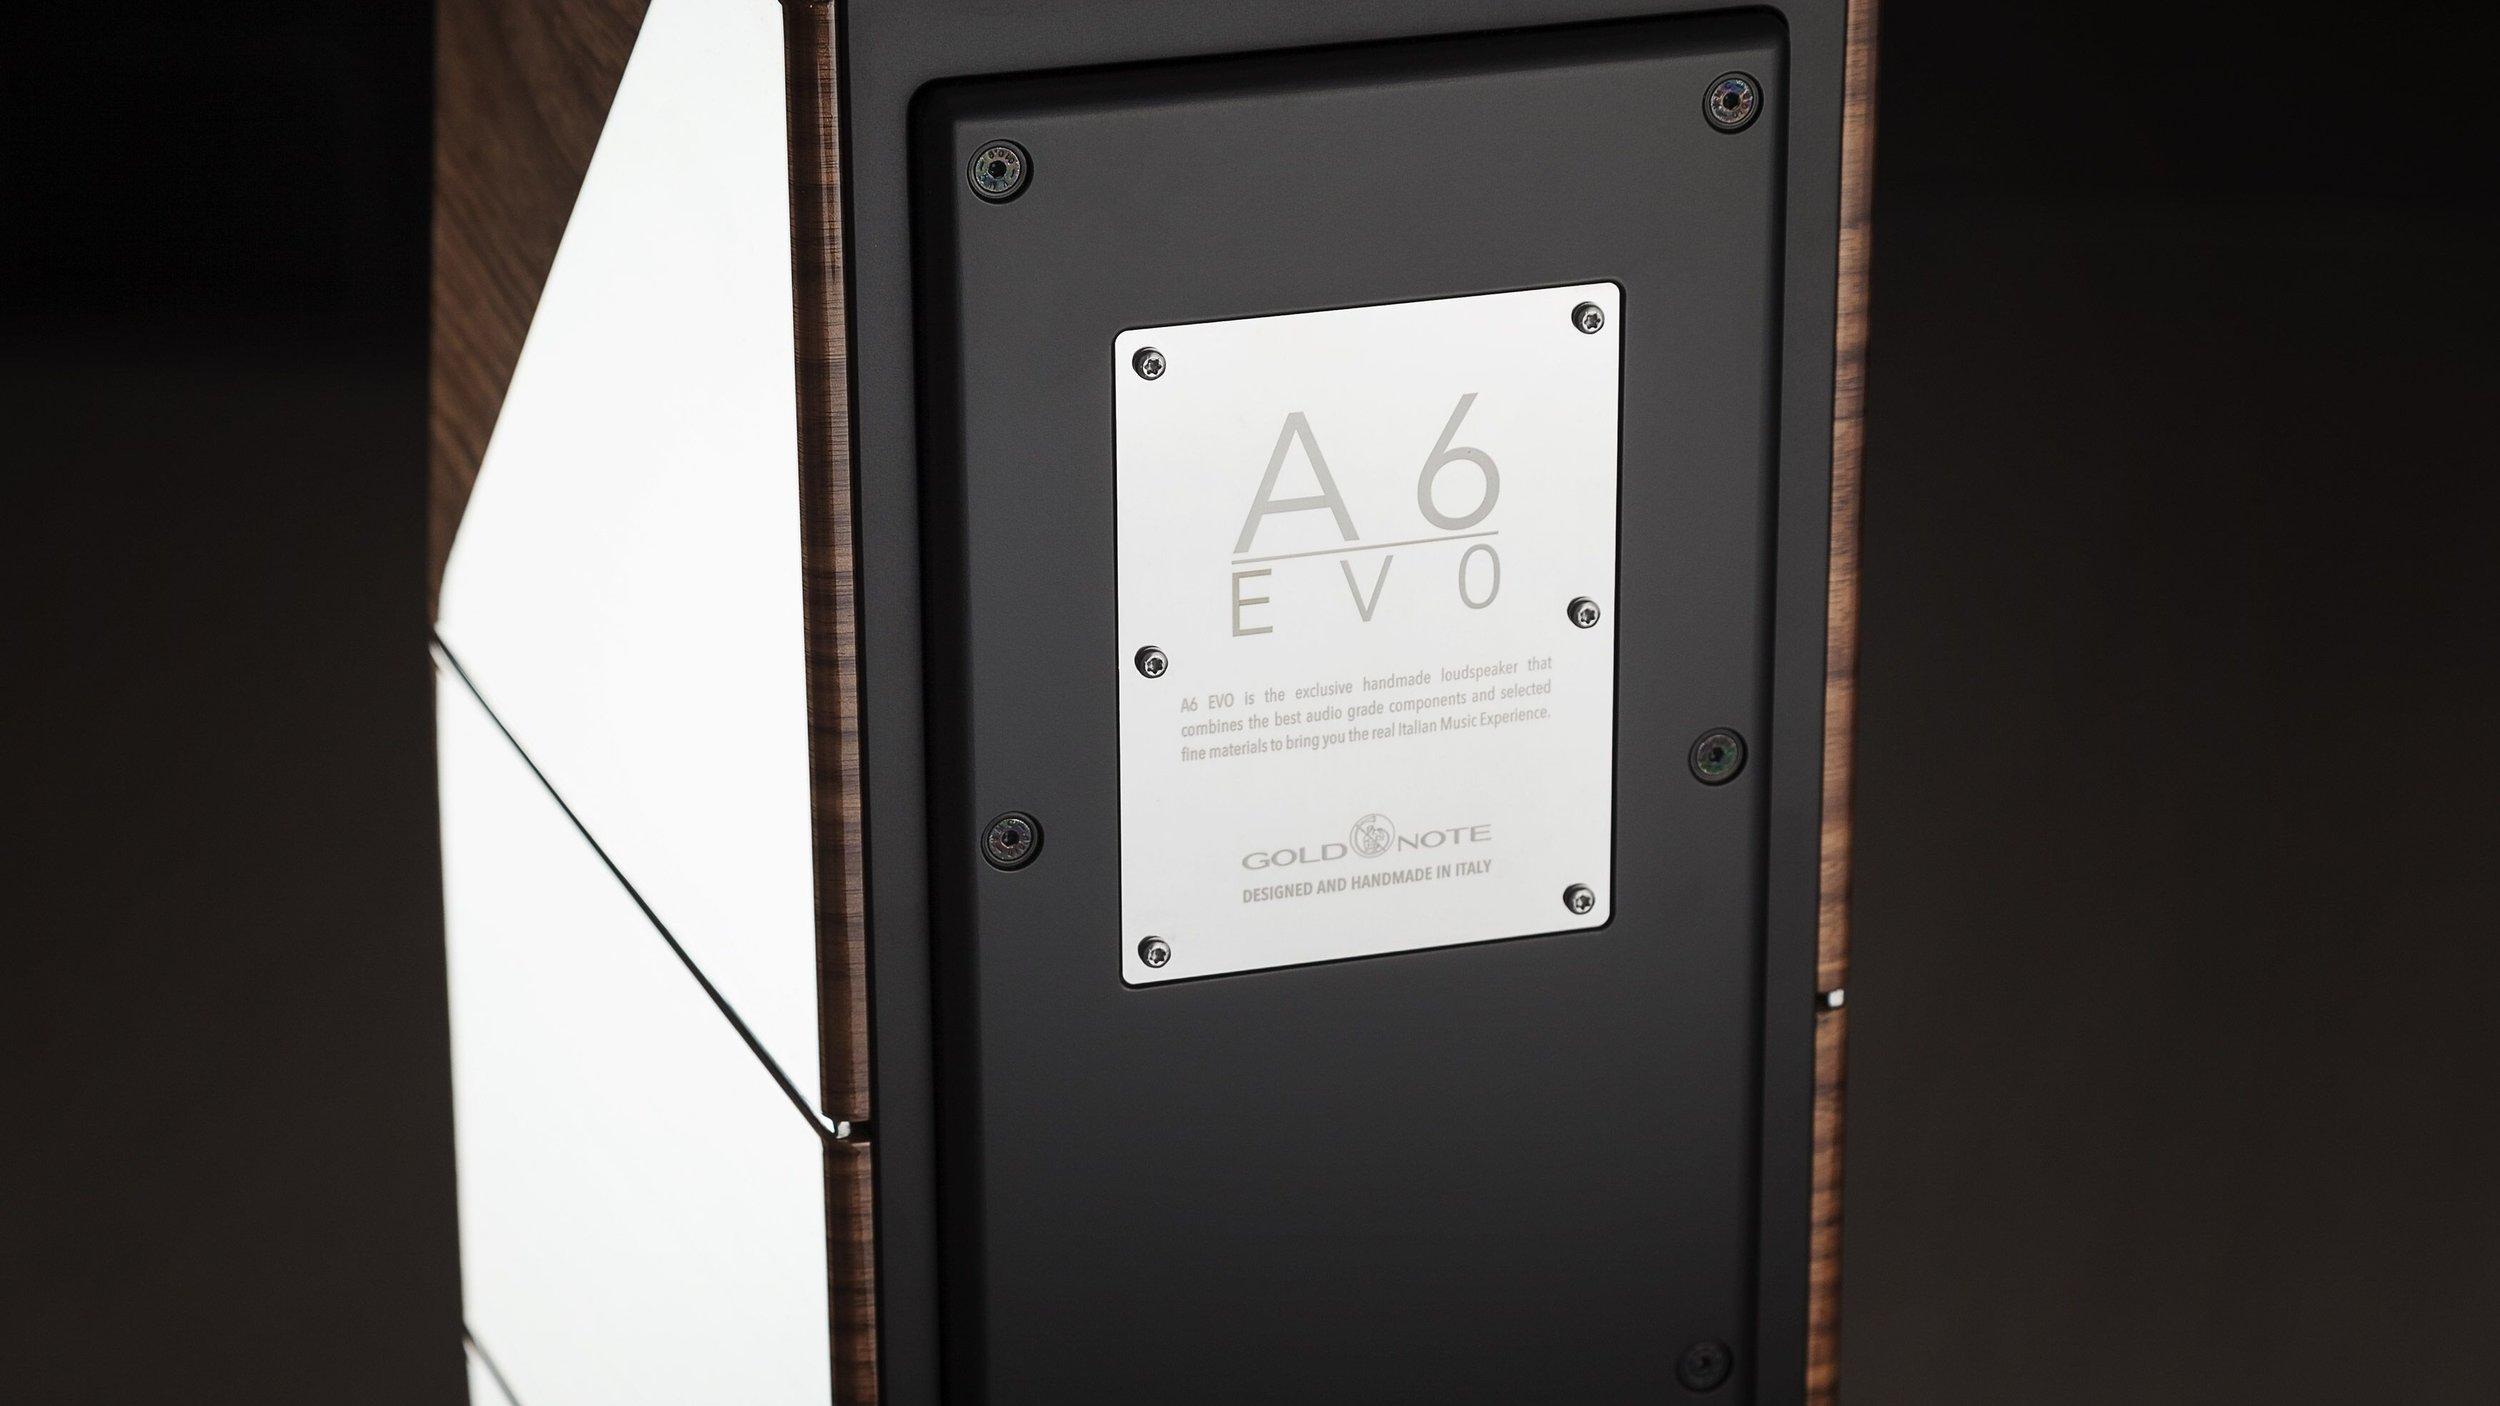 A6 EVO macro1.jpeg